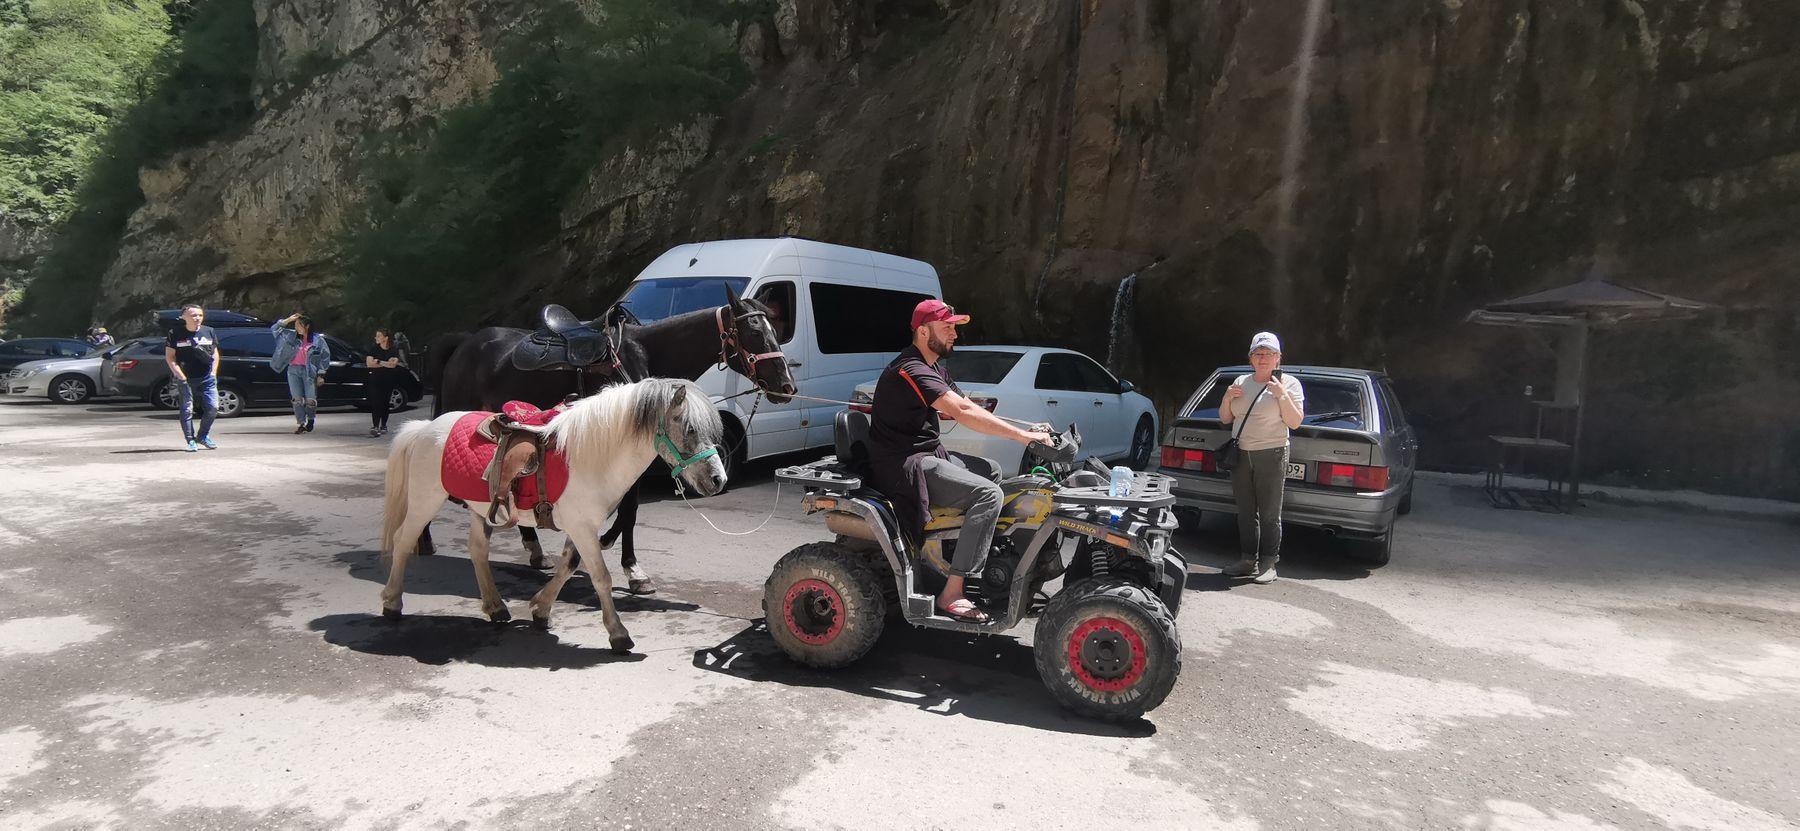 мотор мощностью в 1,5 лошадиные силы